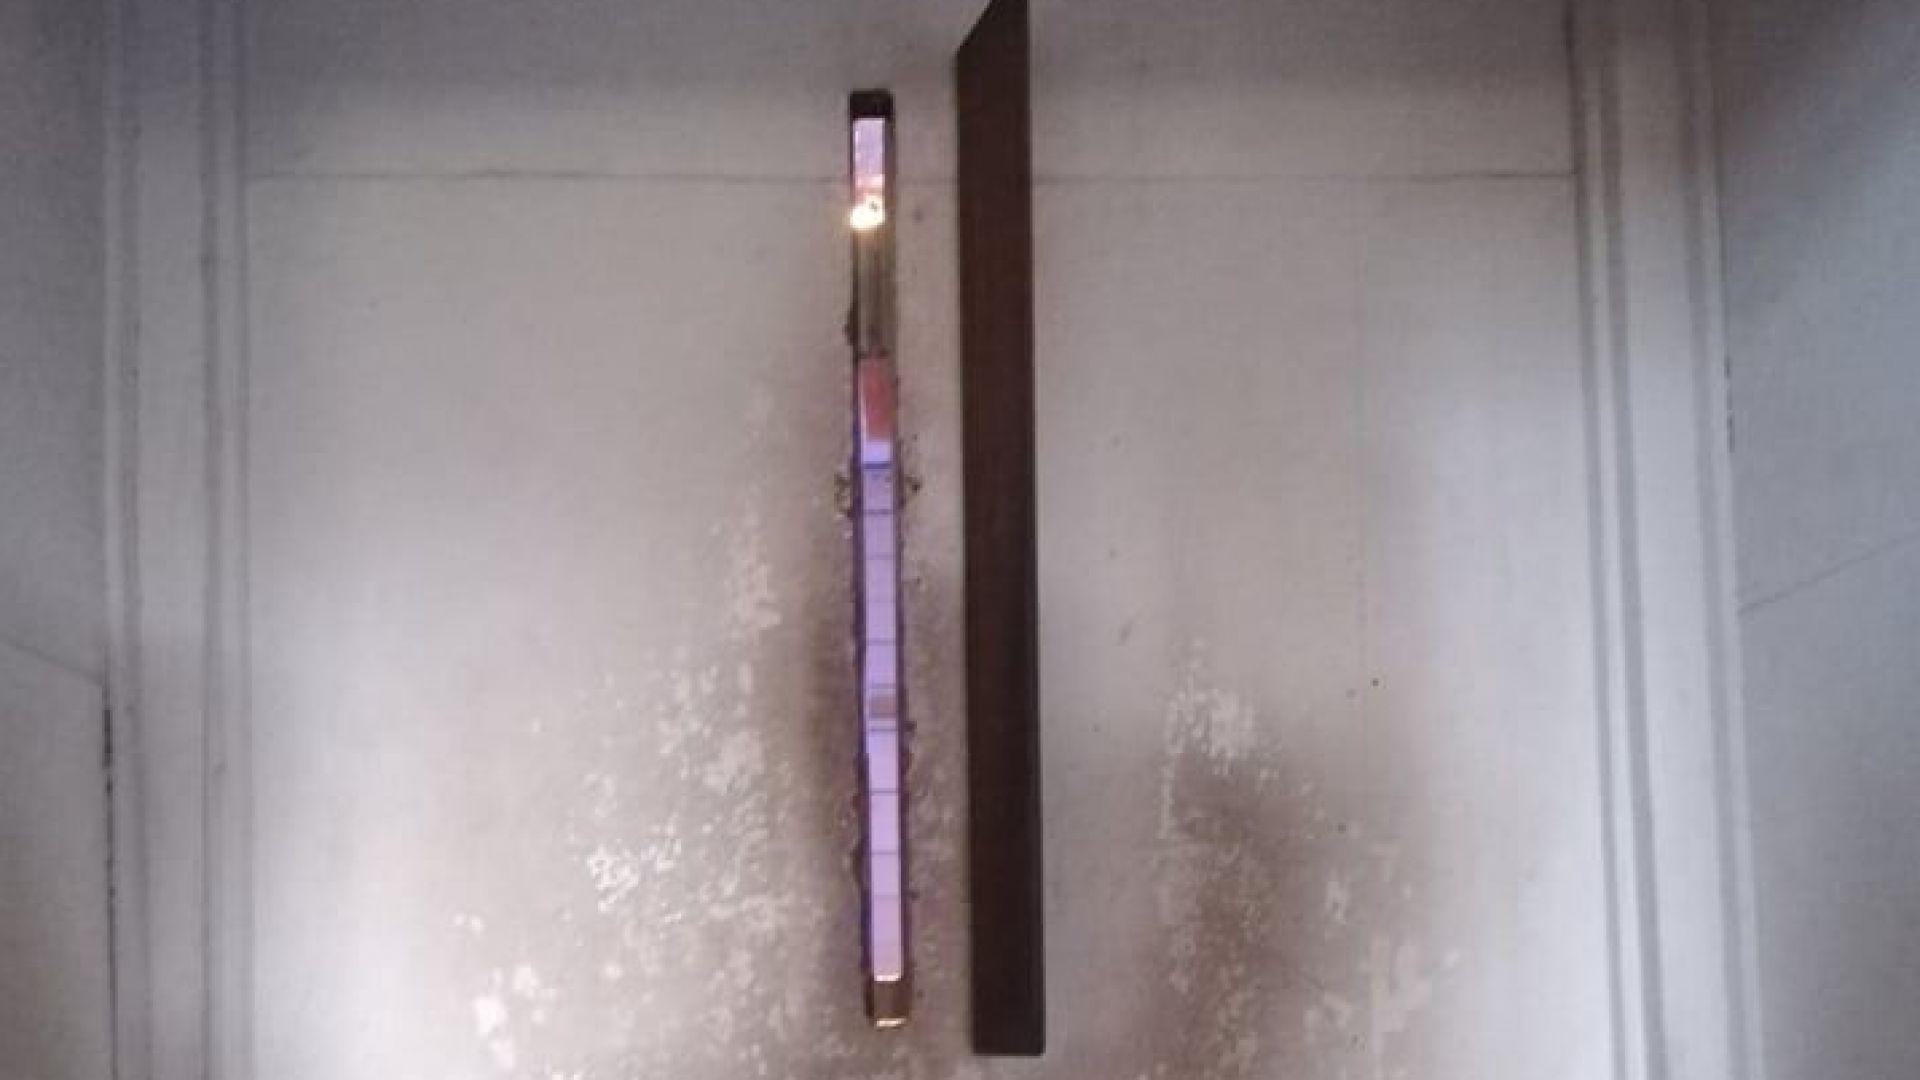 Това е стаичката на екзекутора, който е прострелвал затворниците